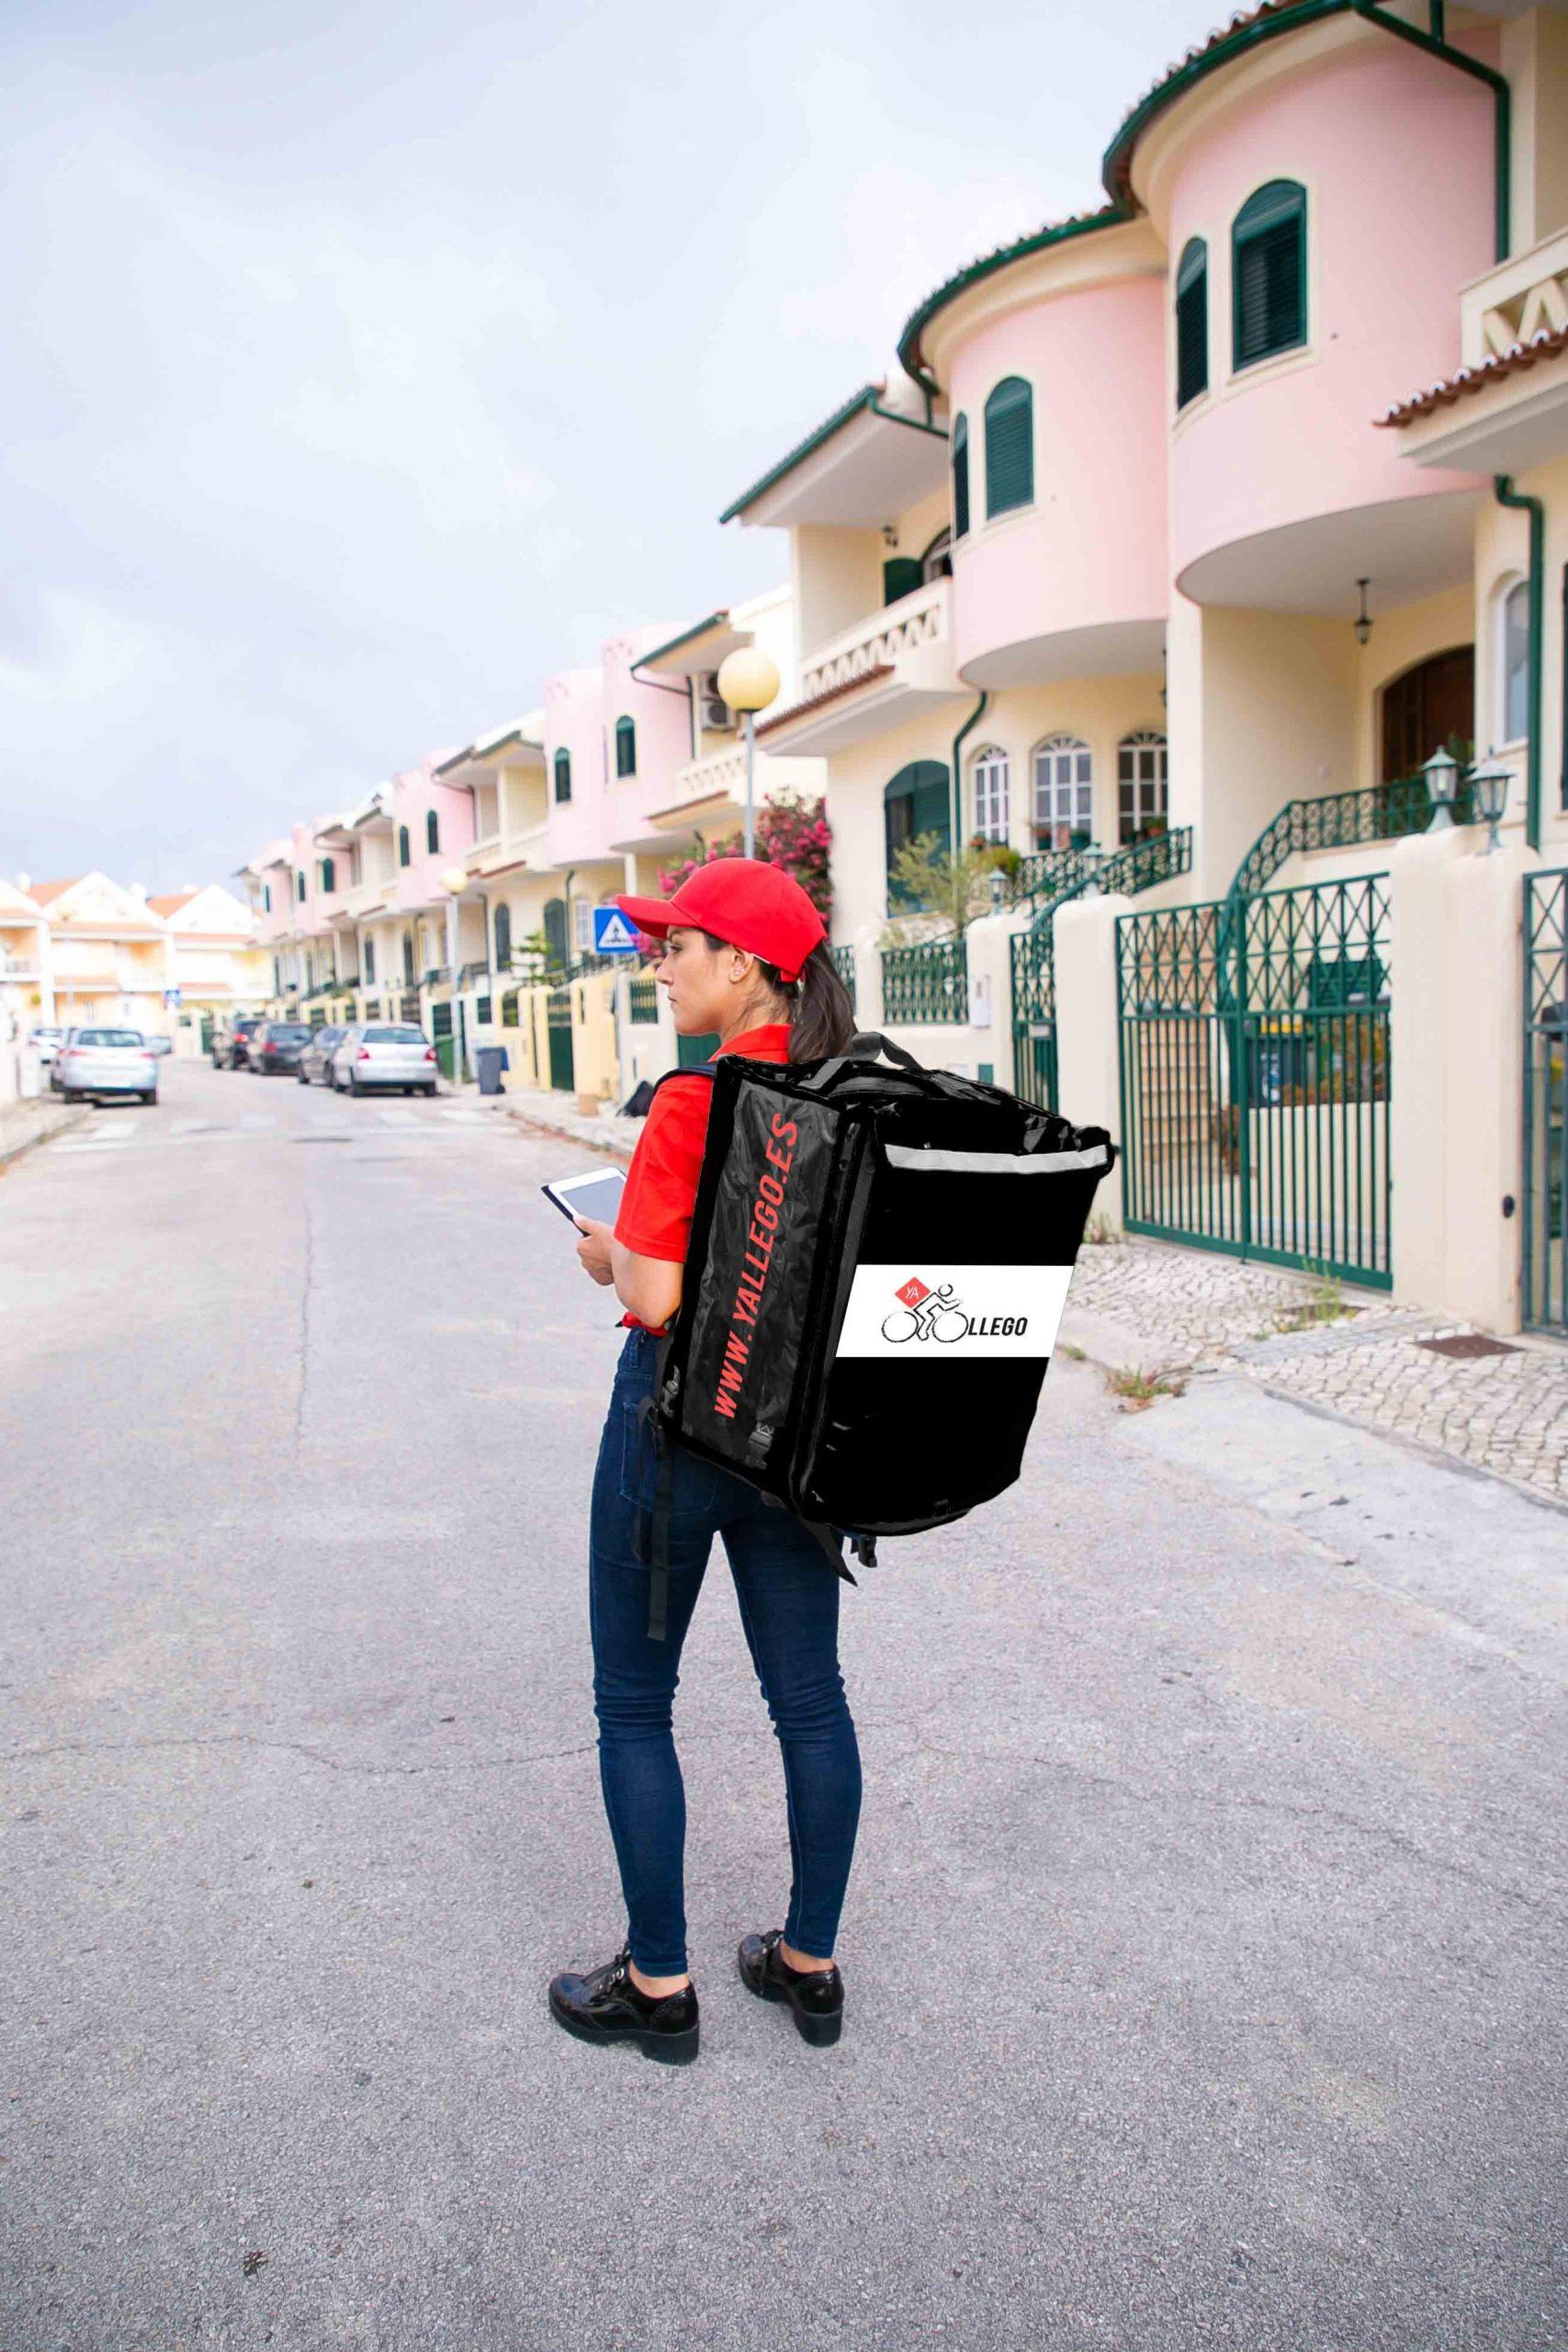 Las nuevas oportunidades de emprendimiento del delivery